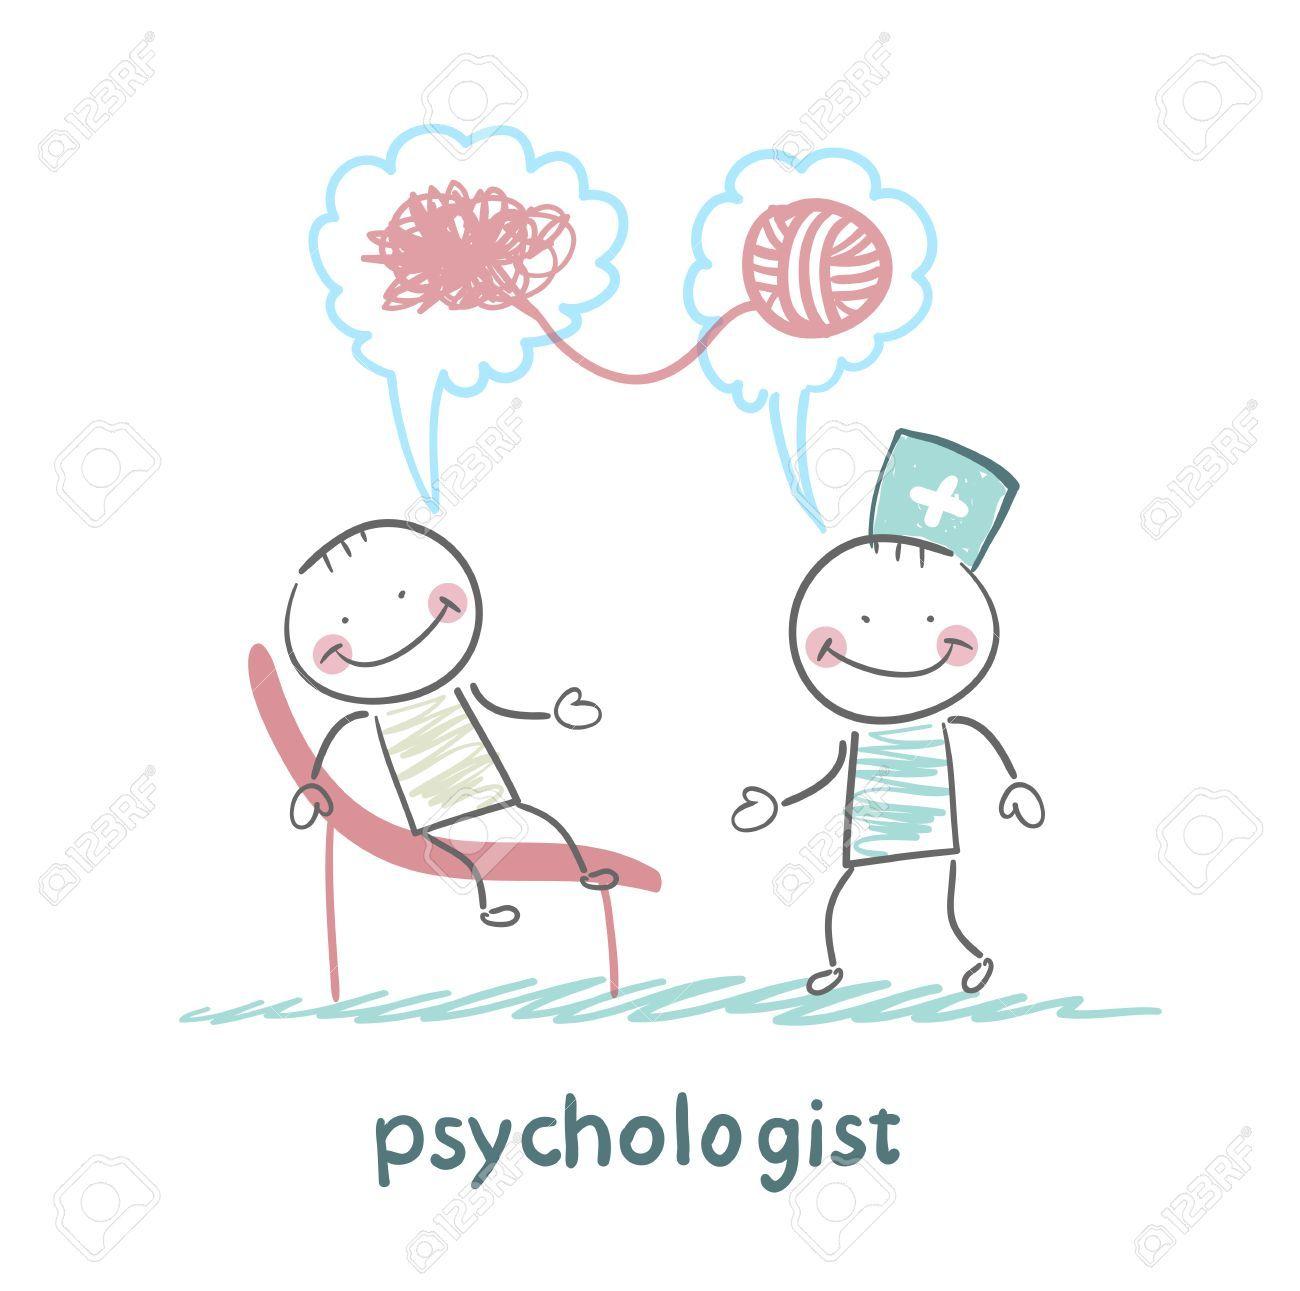 psychologist clipart.